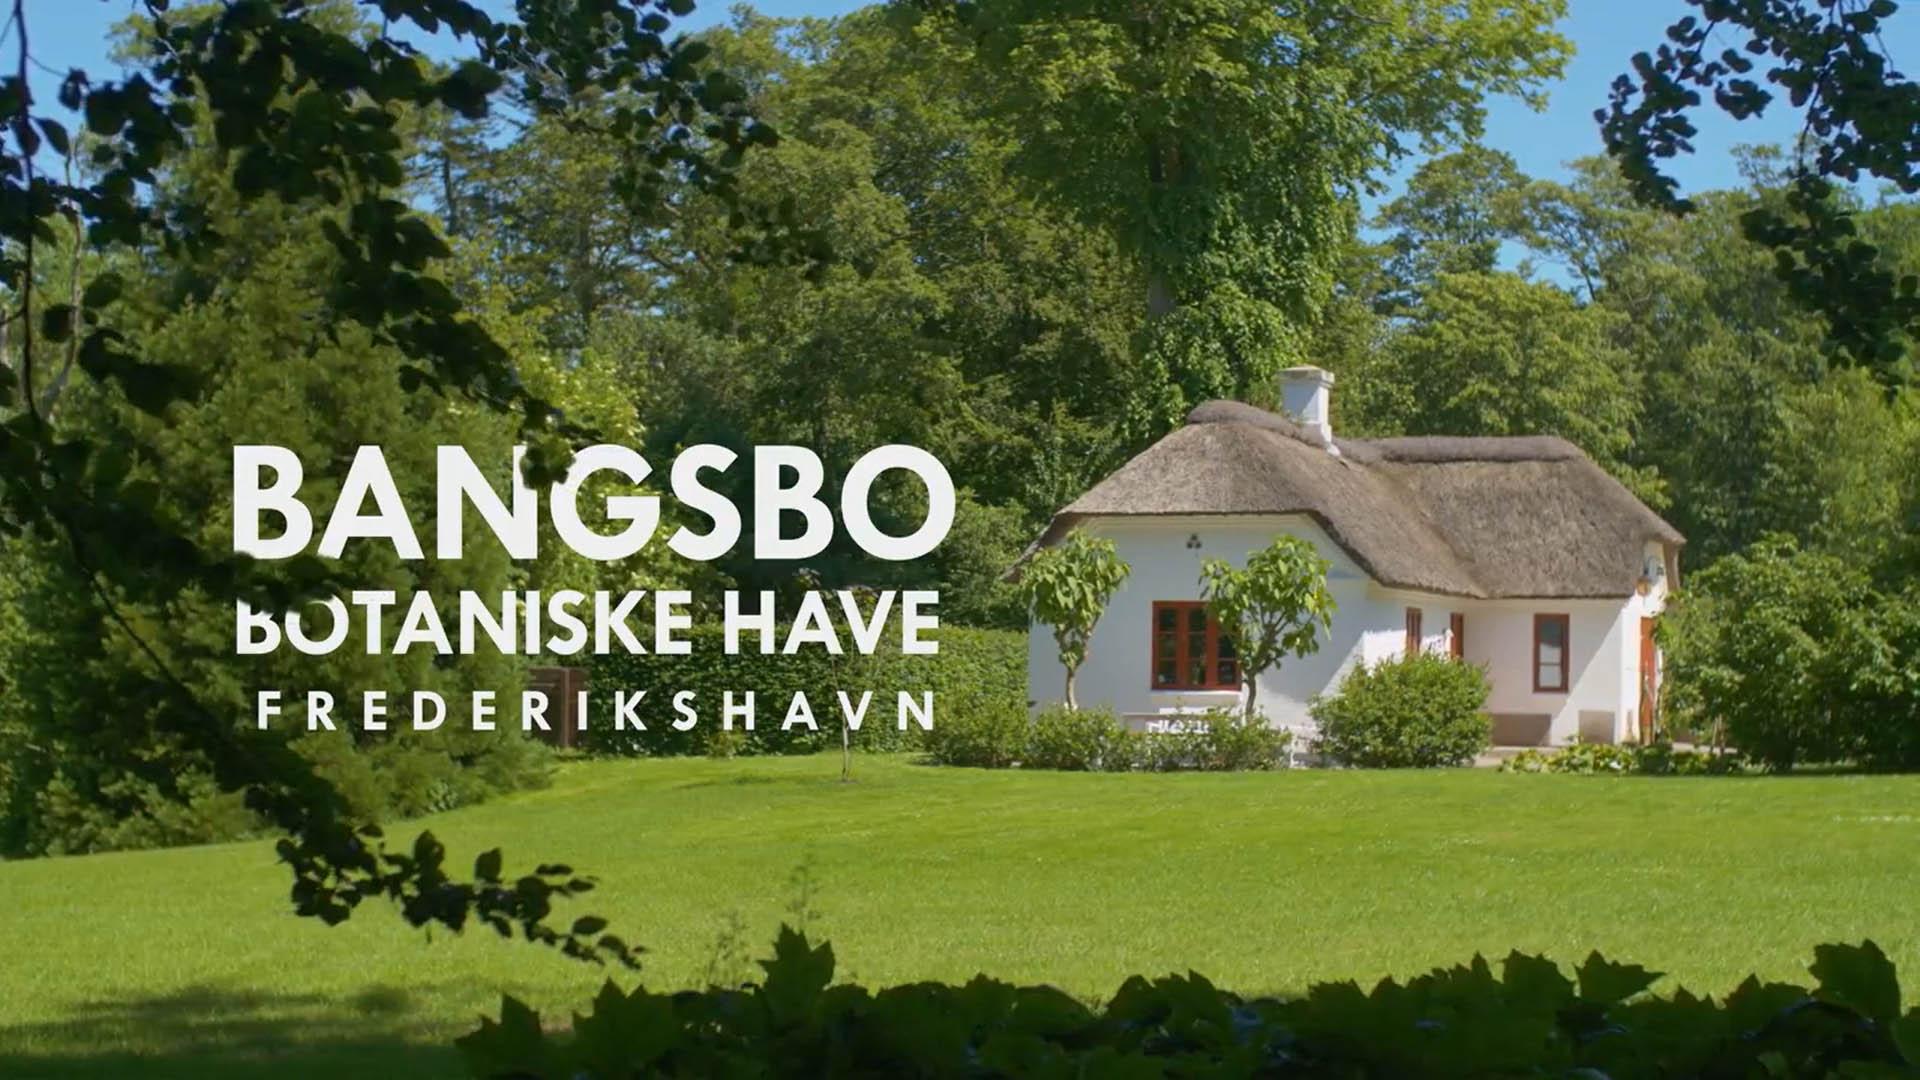 Bangsbo Botaniske Have – Oplev naturen i Frederikshavn